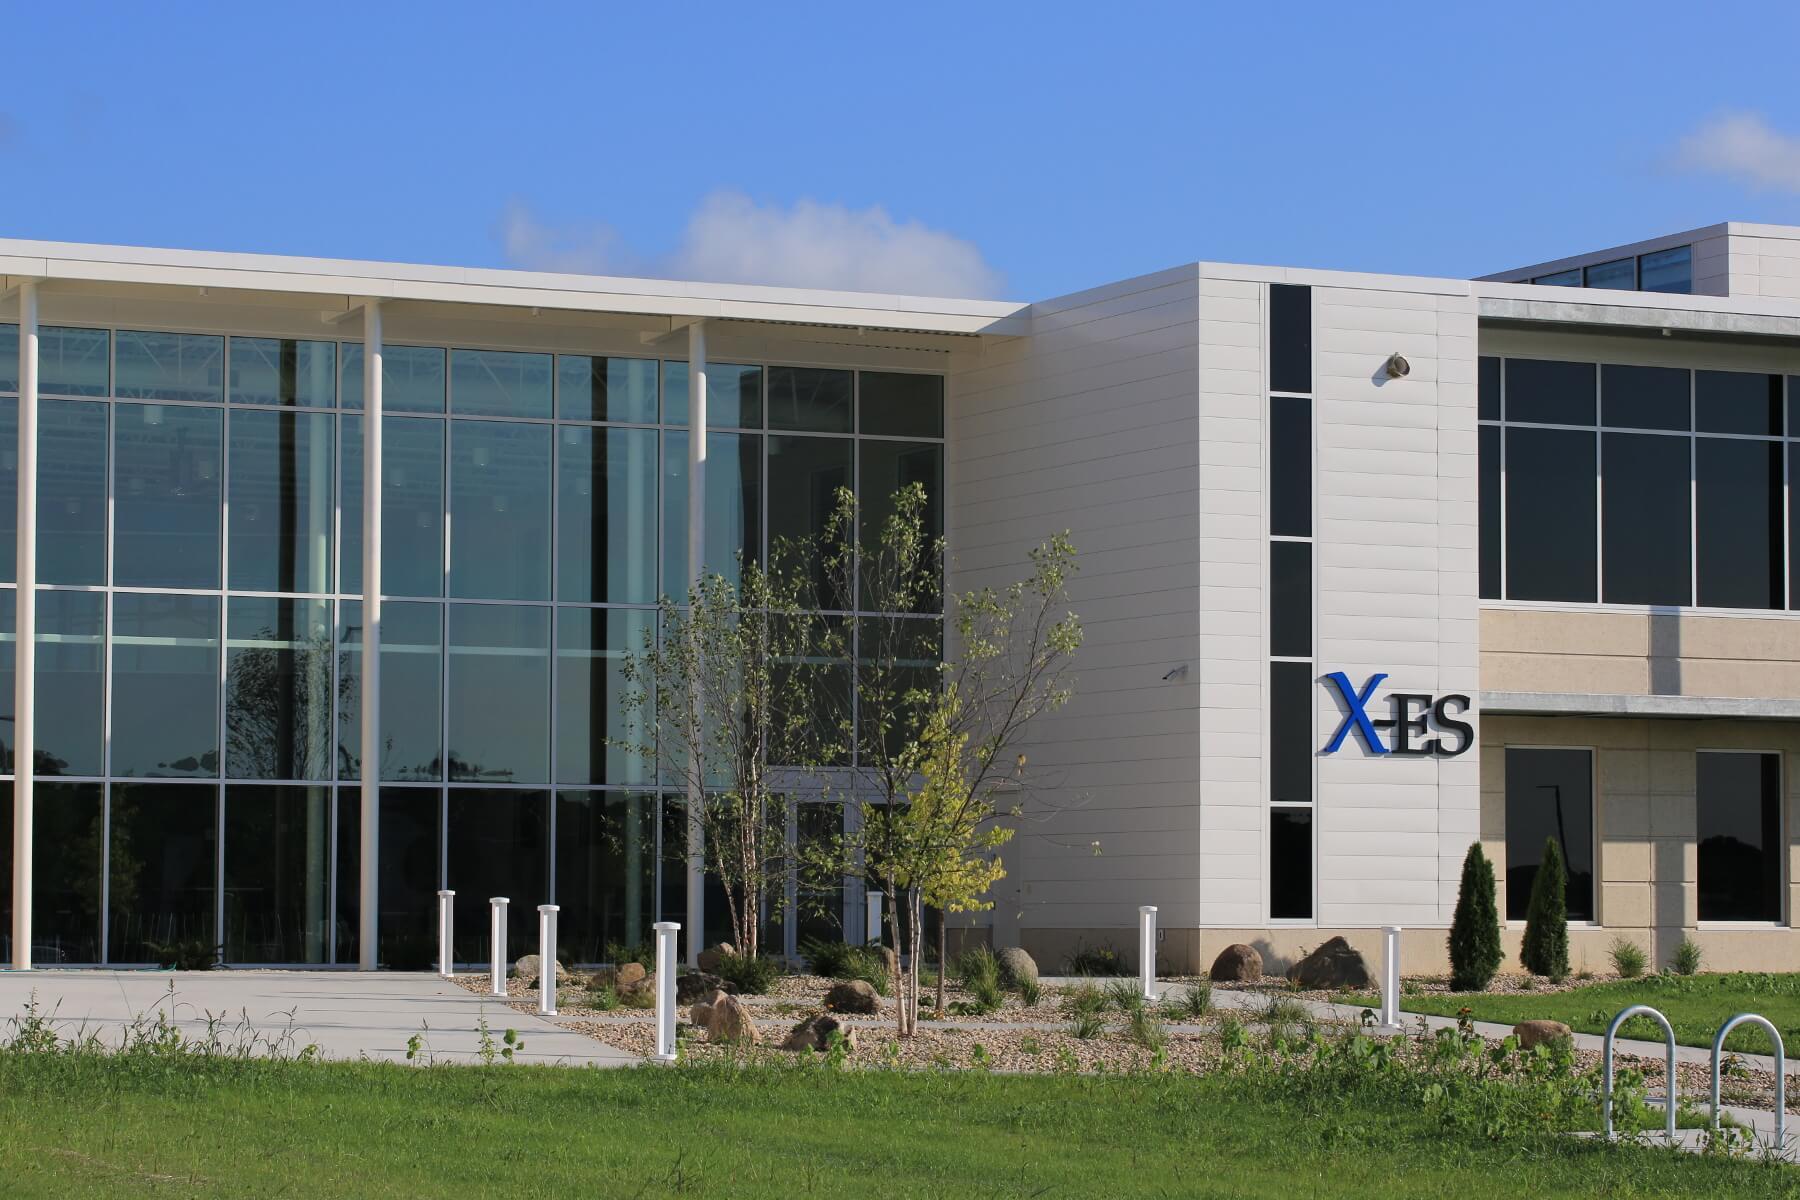 X-ES building photo